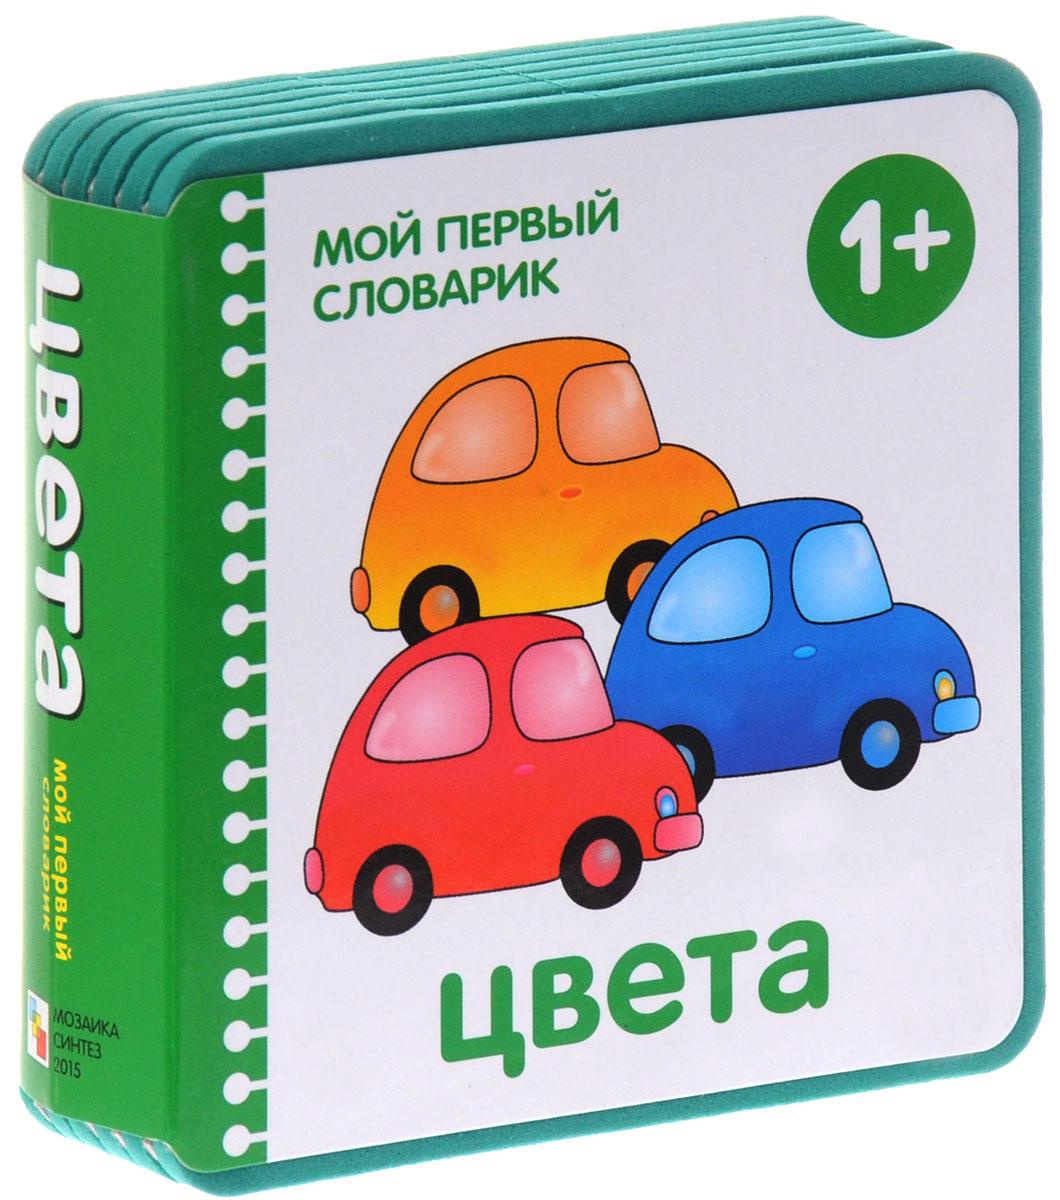 Цвета книга мой первый словарик цвета